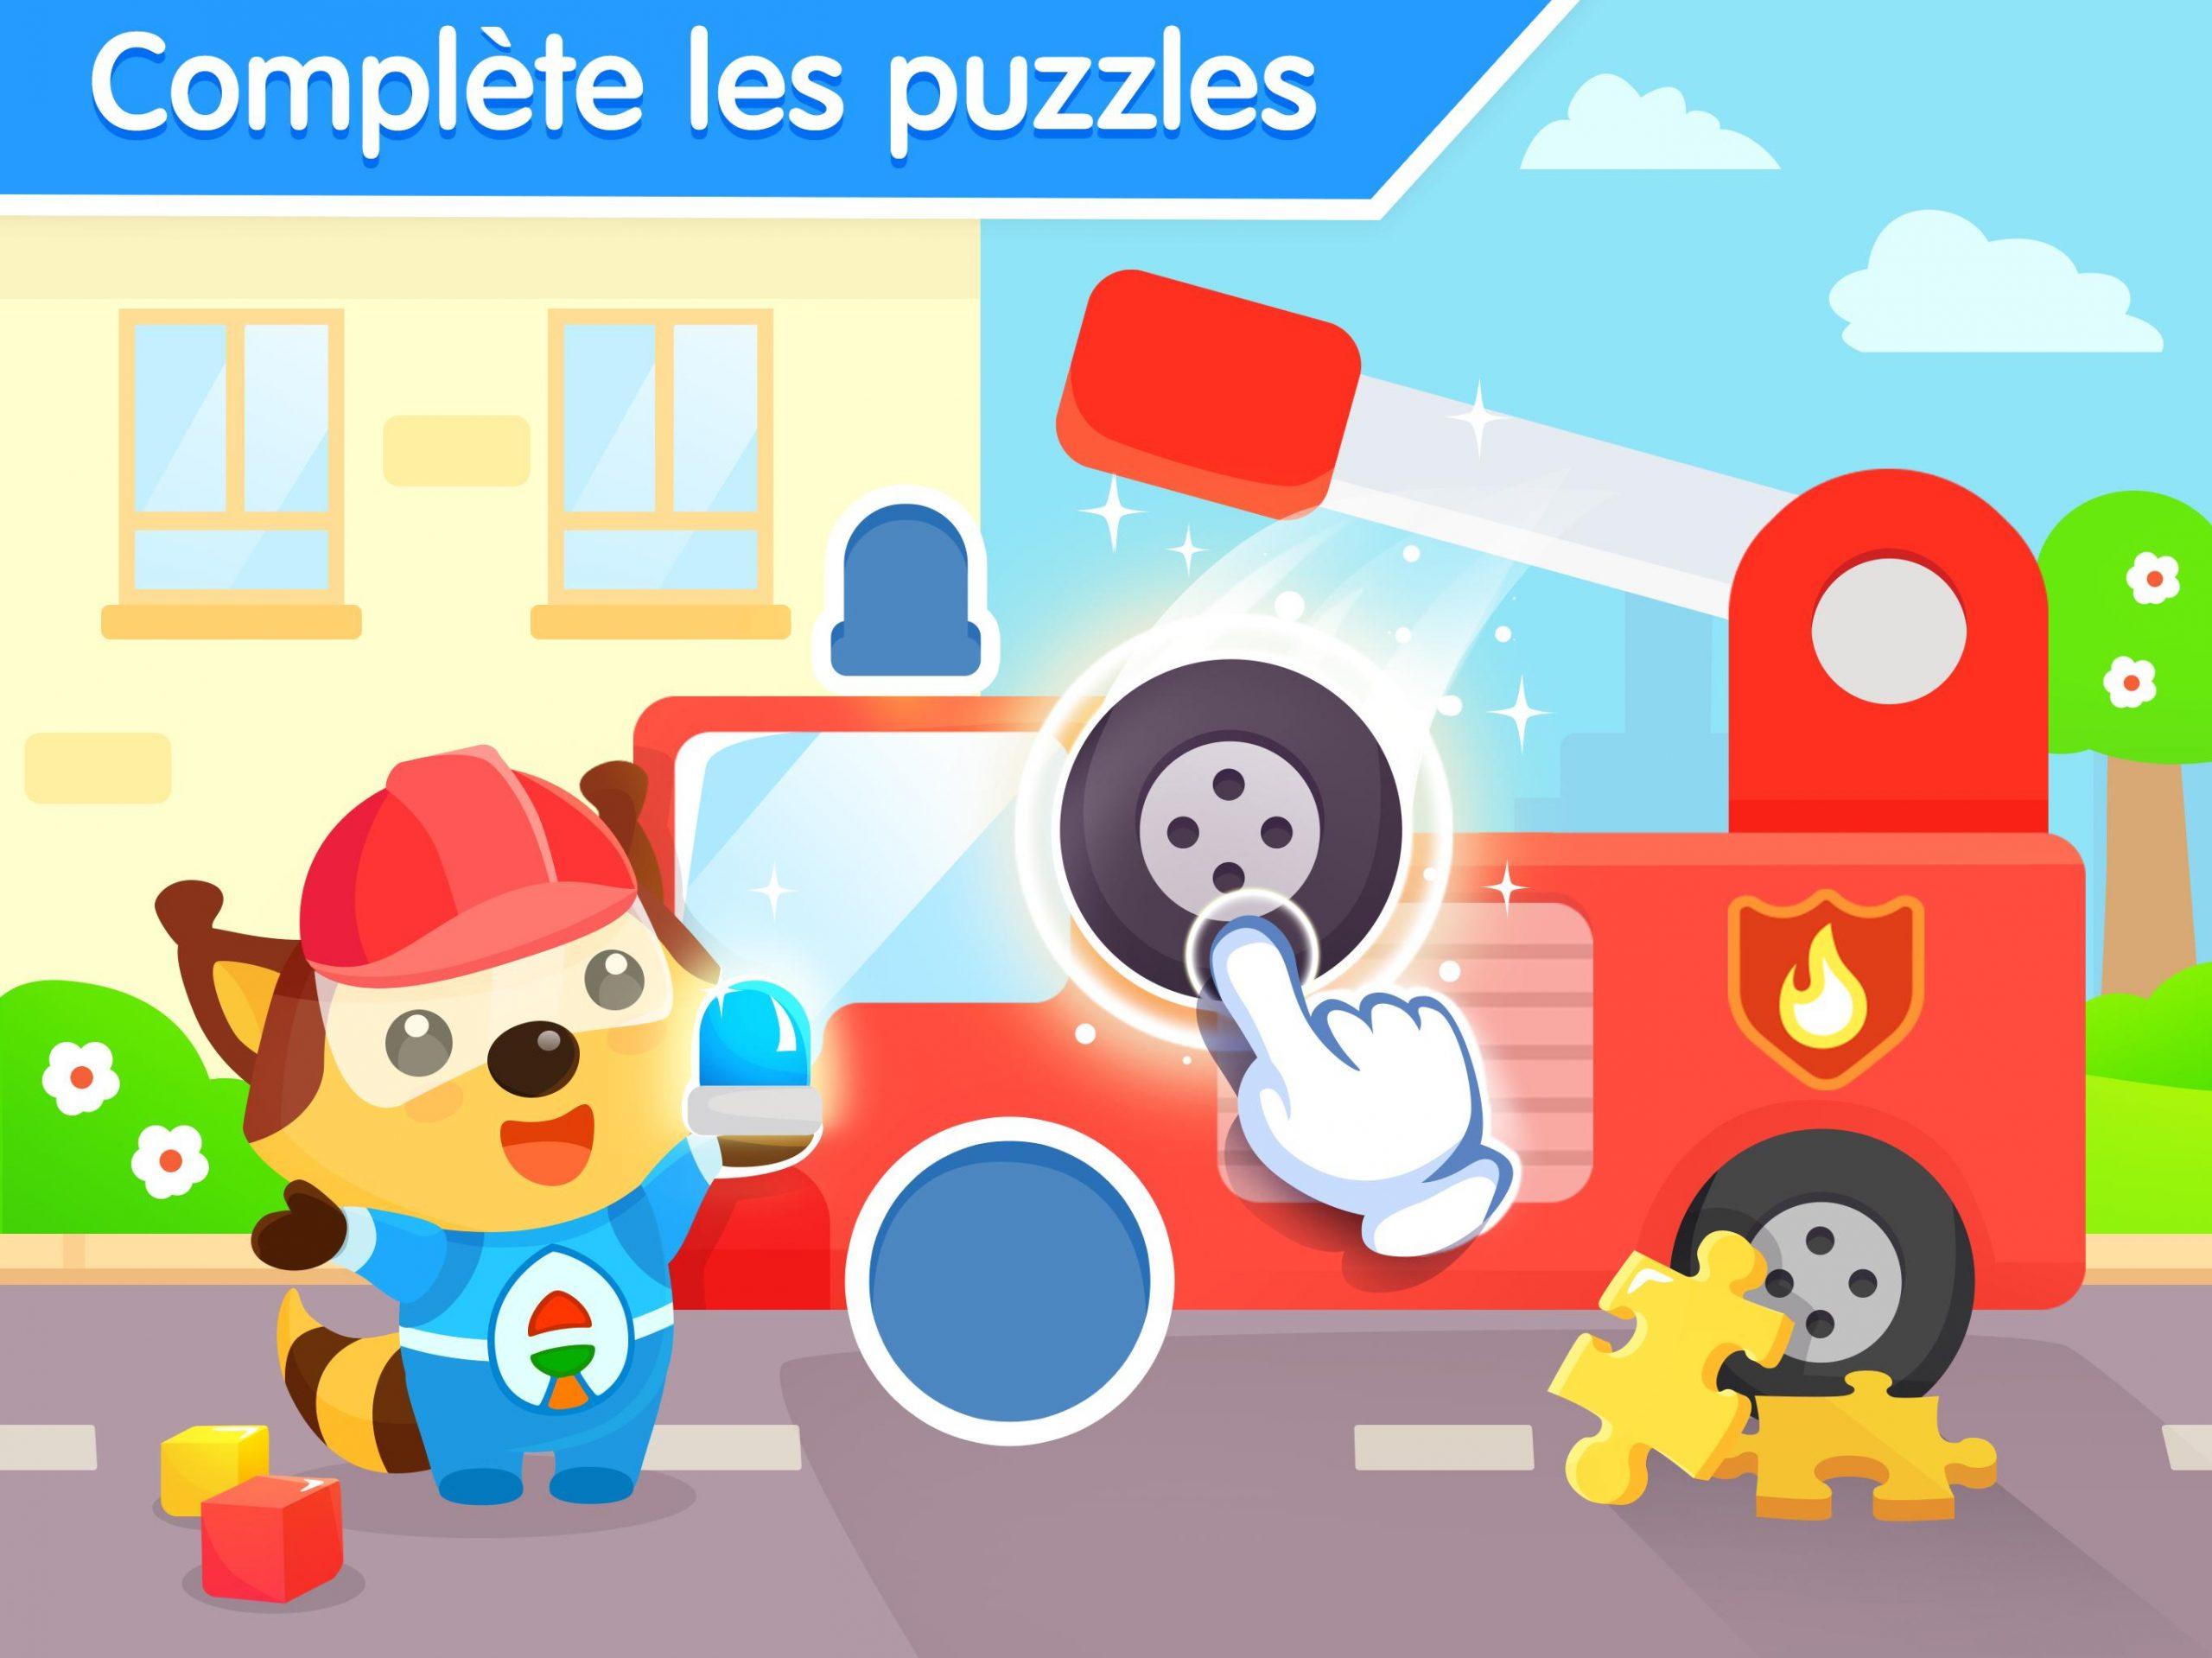 Jeux De Puzzle Pour Bebe 3 Ans - Jeu Éducatif Pour Android destiné Jeux Educatif 3 Ans En Ligne